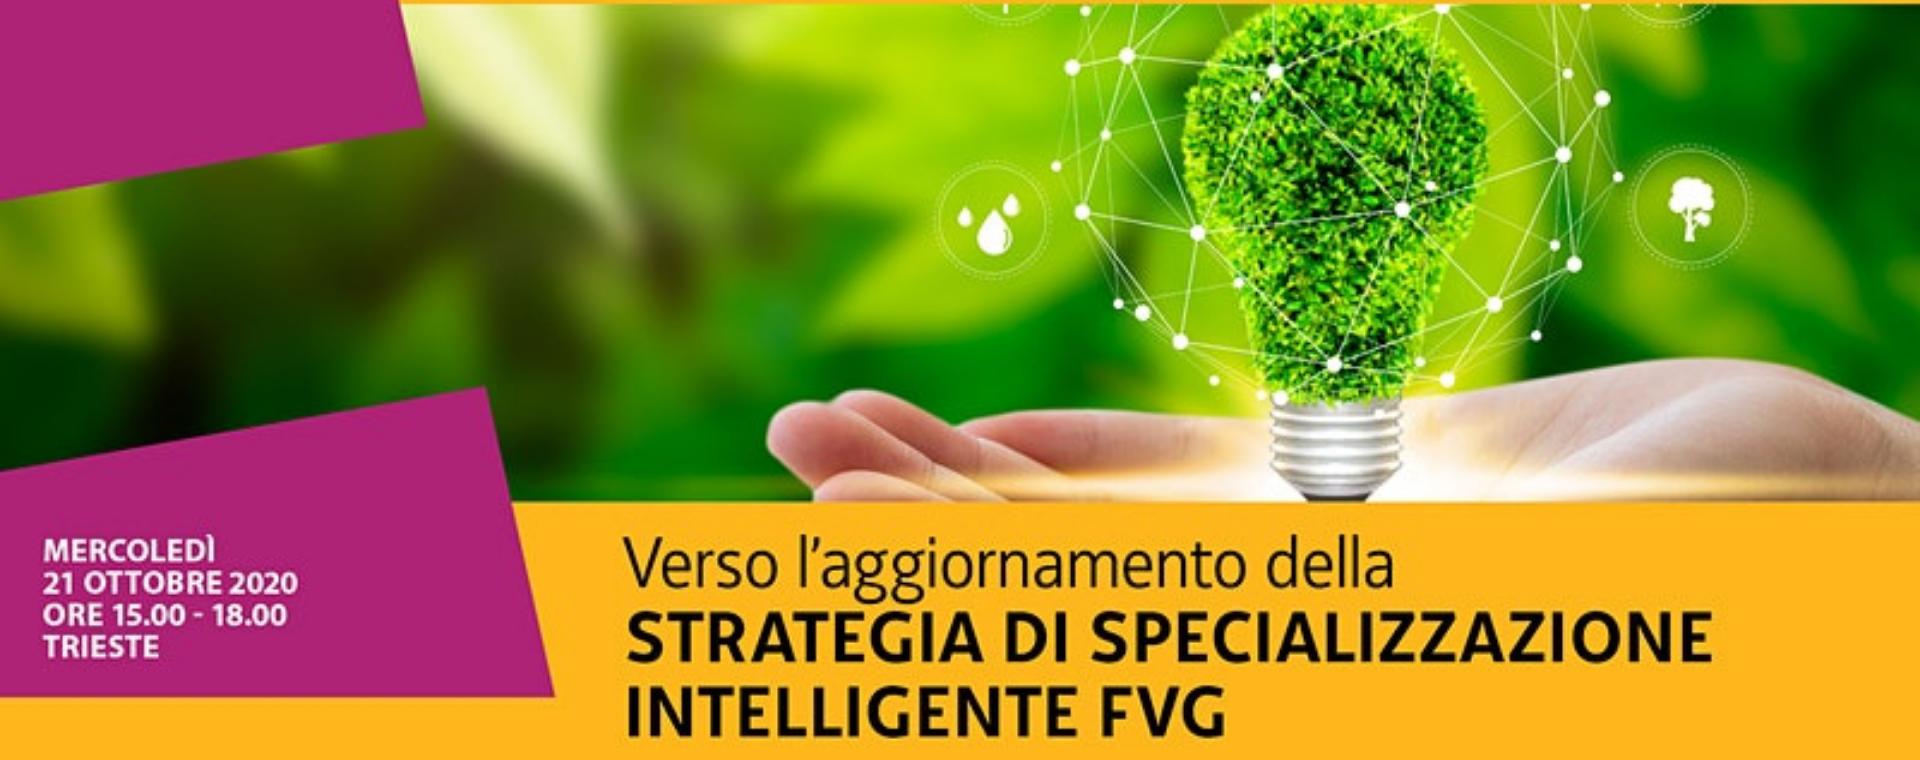 Verso l'aggiornamento della Strategia di Specializzazione intelligente (S3) in FVG